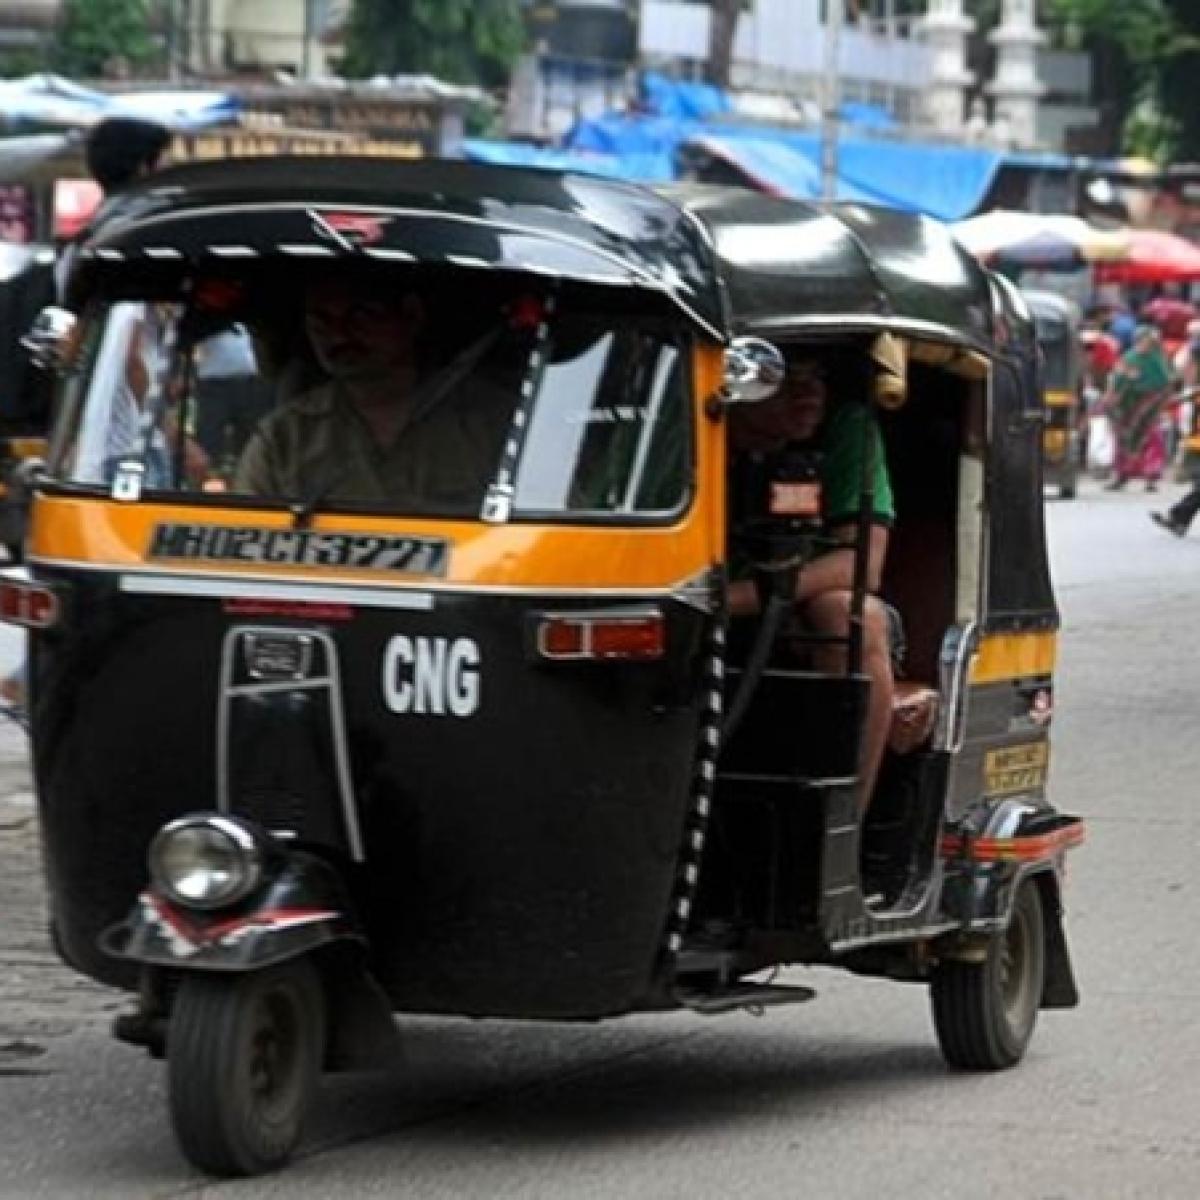 Mumbai Crime: Rickshaw driver flashes at 19-year-old student in Hiranandani